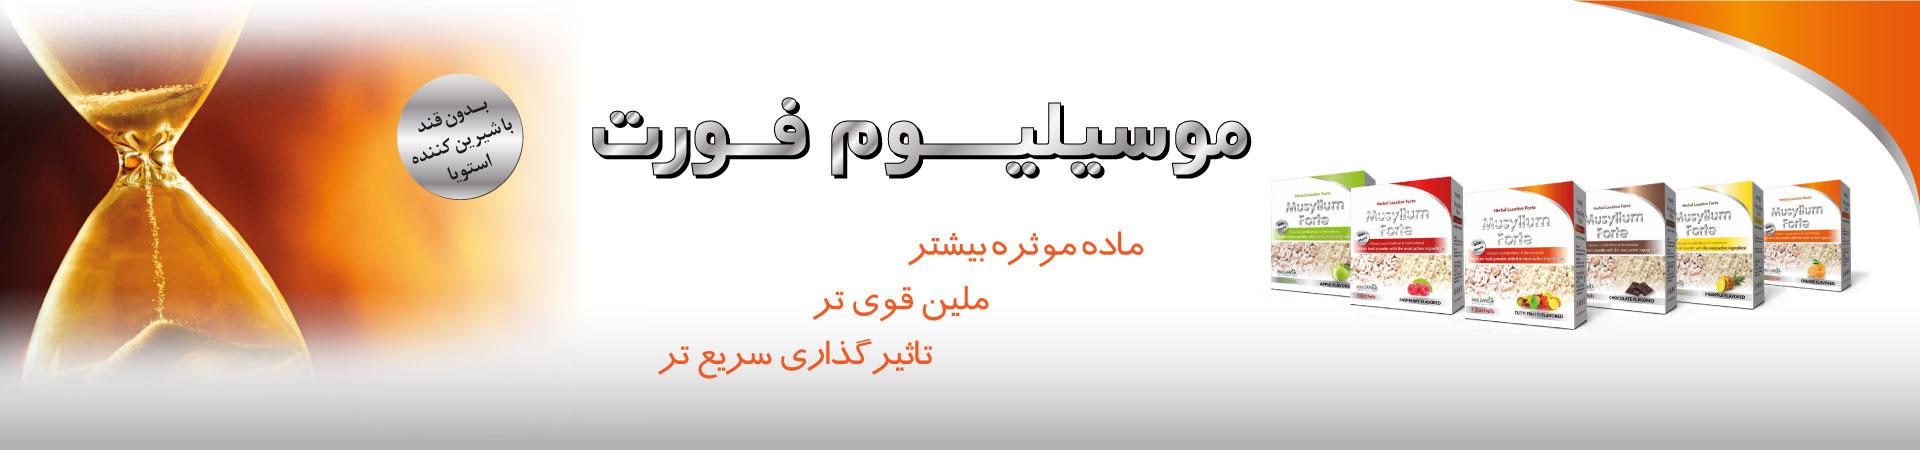 ساشه موسیلیوم فورت ایران داروک